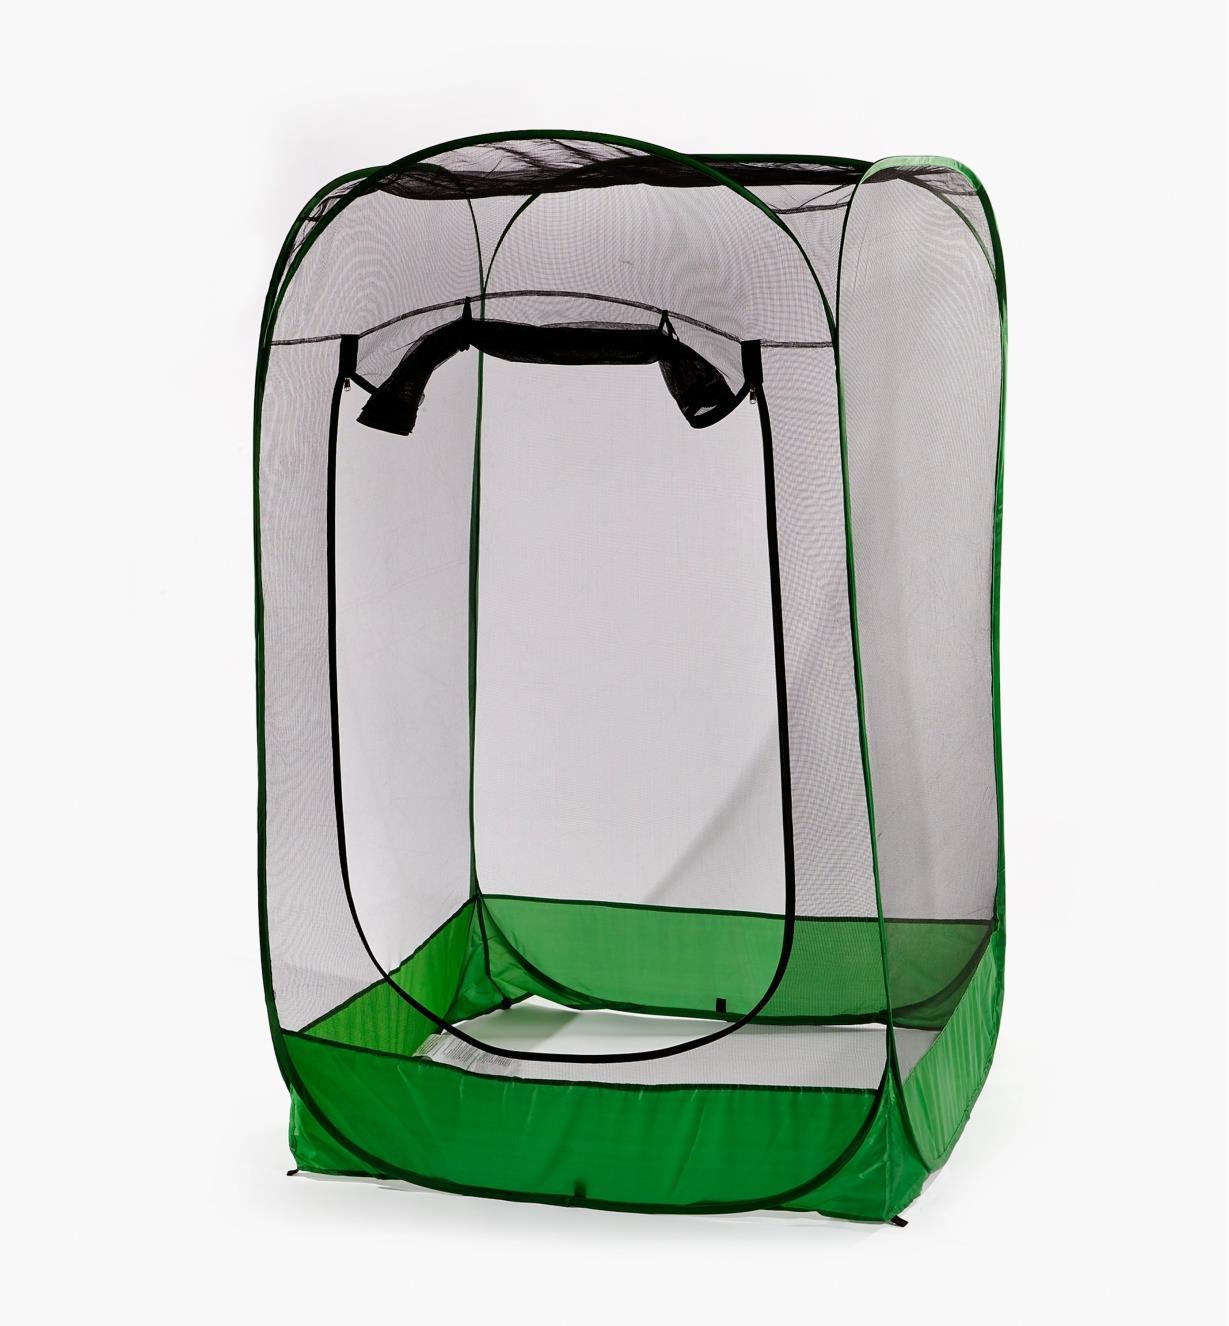 PA232 - Pop-Up Net Shelter